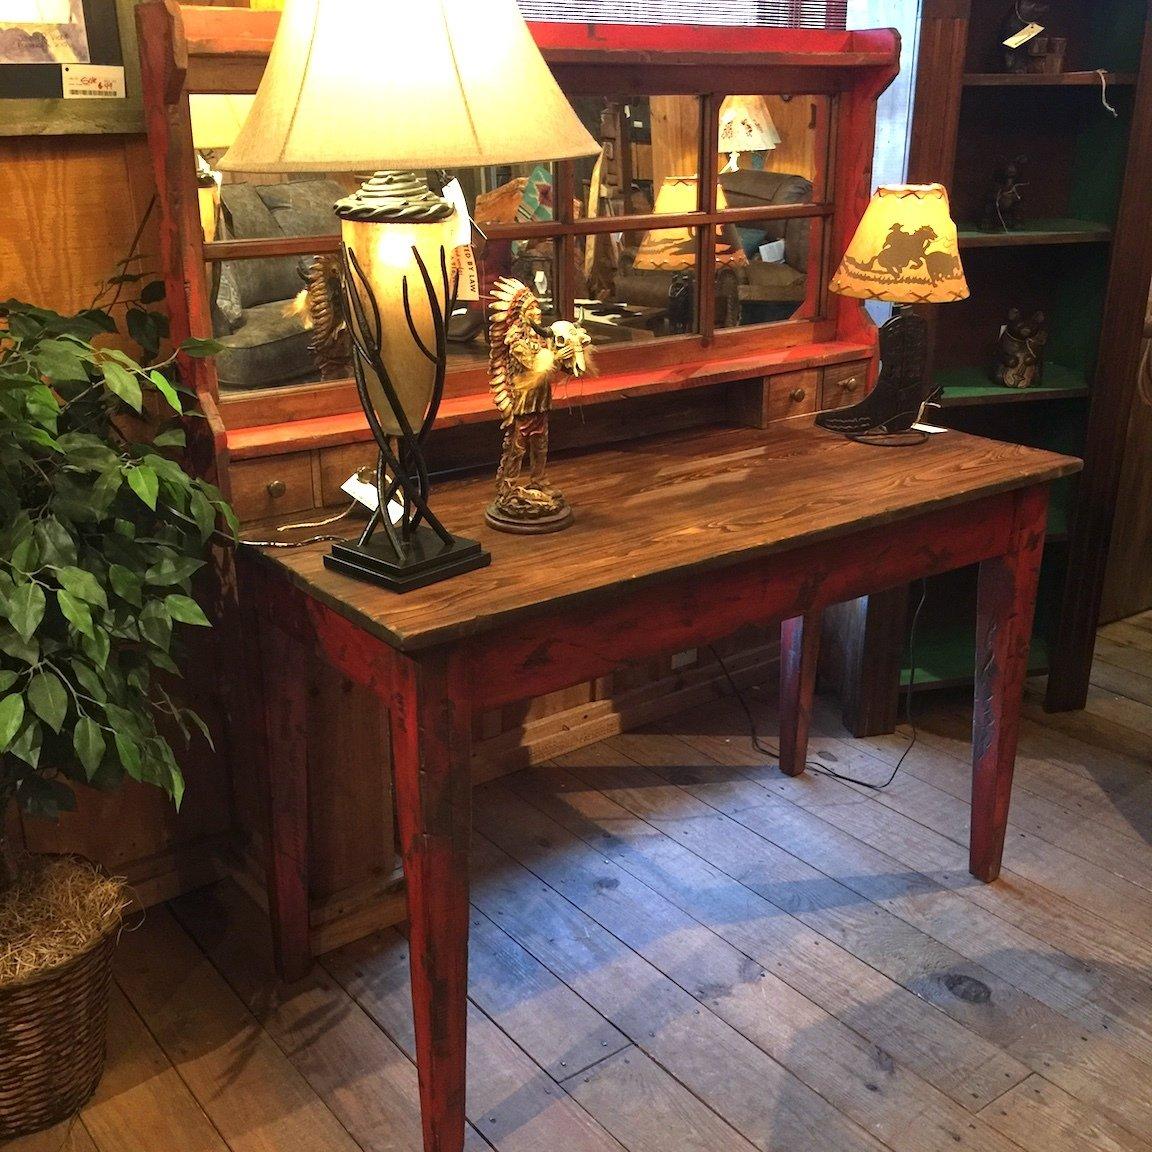 Locally made Fresco Table & Mirror